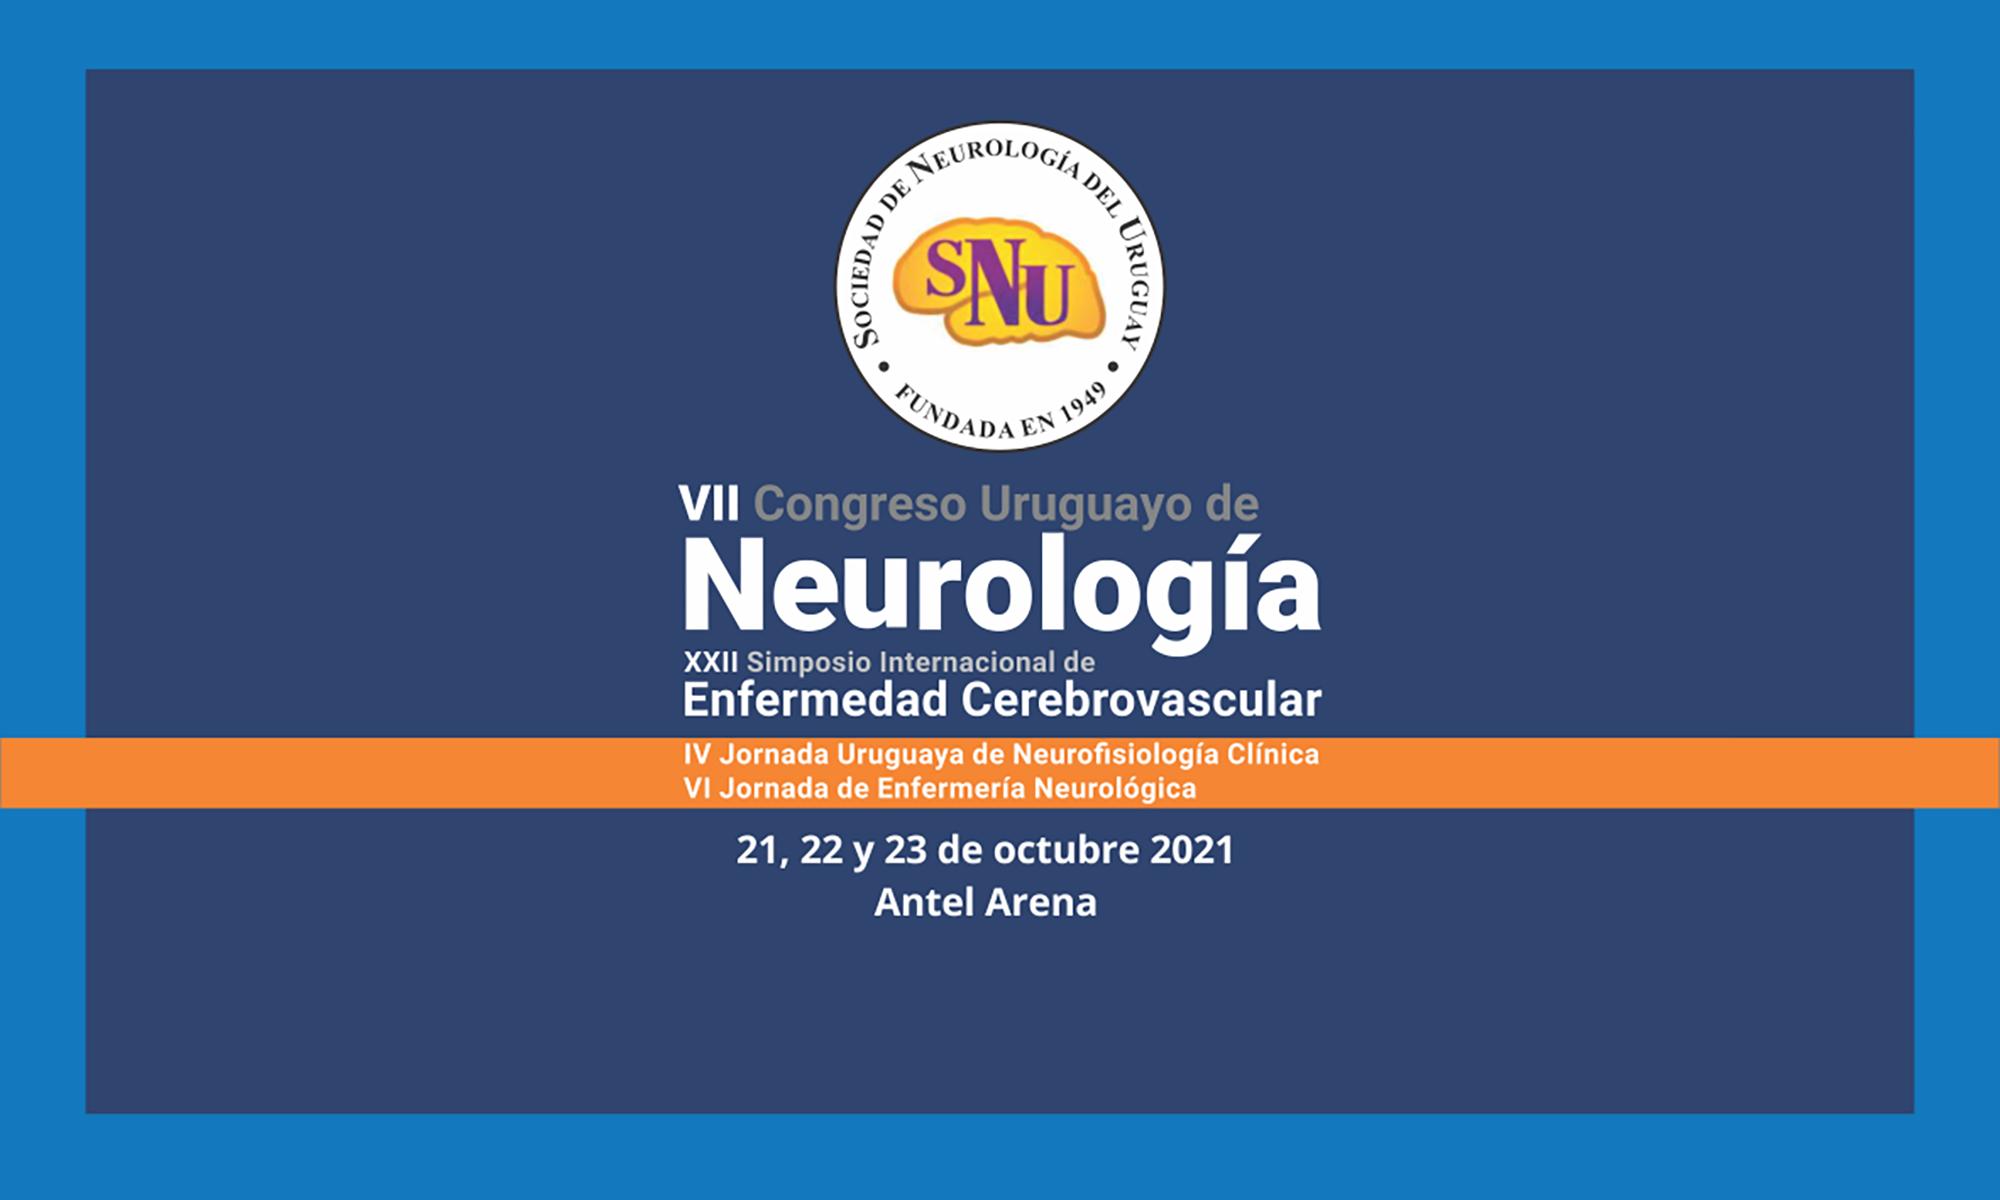 VII SNU - Neurología 2